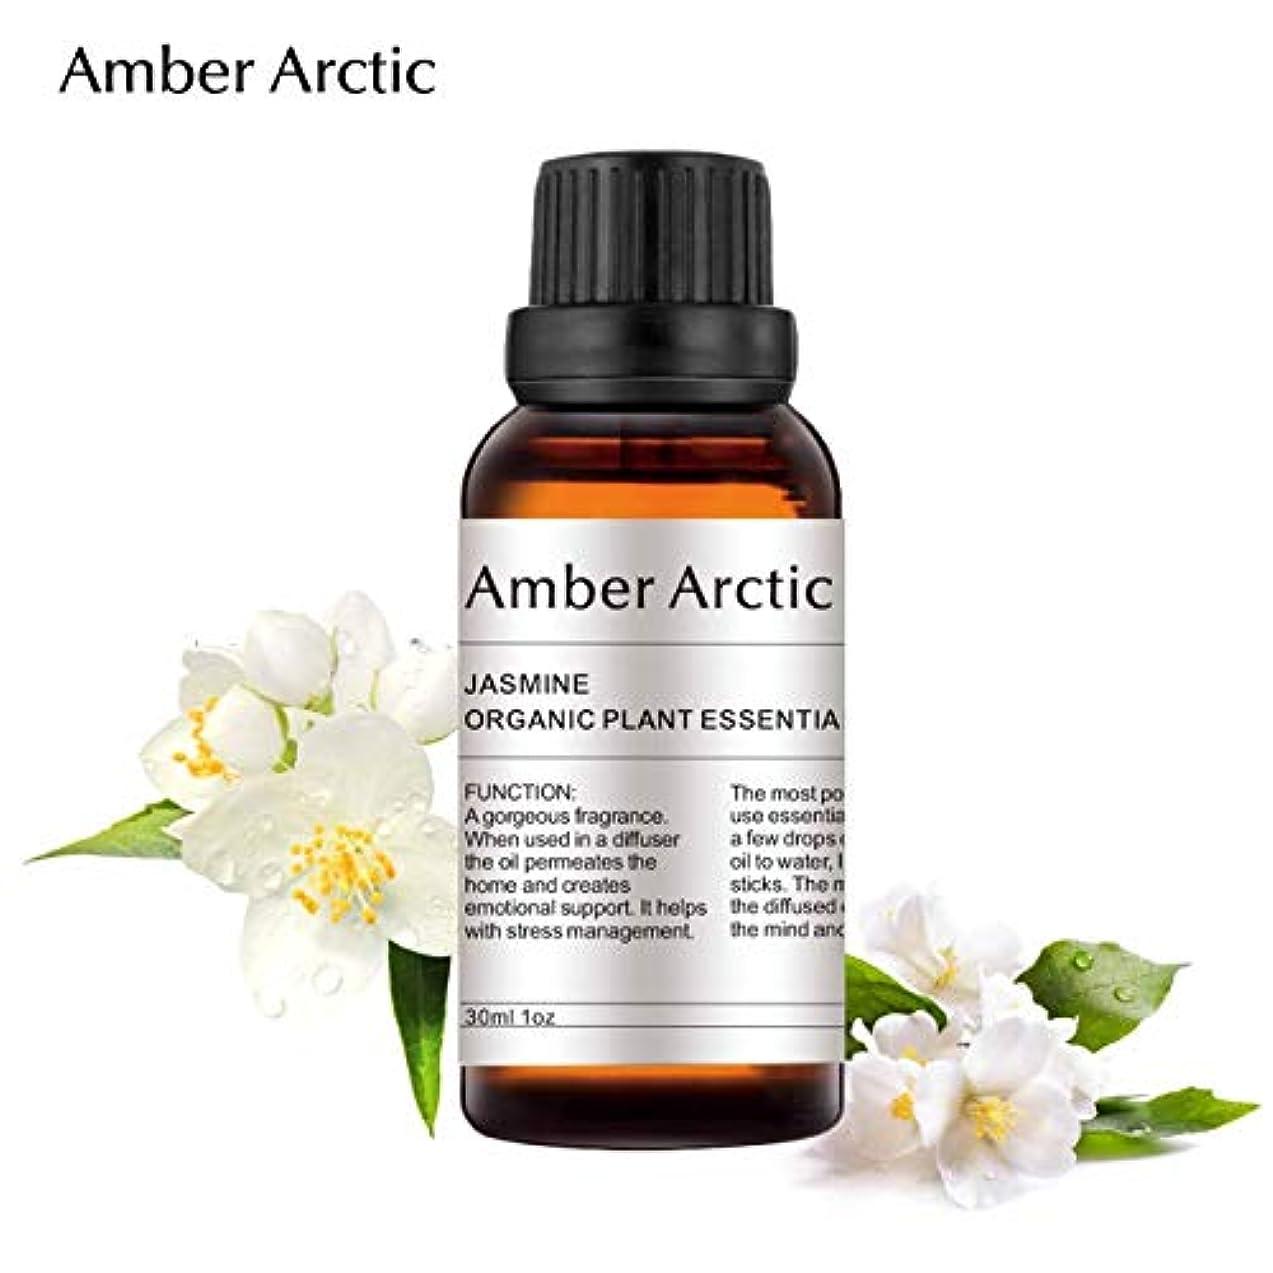 味更新する許可AMBER ARCTIC エッセンシャル オイル ディフューザー 用 100% 純粋 新鮮 有機 植物 セラピー オイル 30Ml ジャスミン ジャスミン